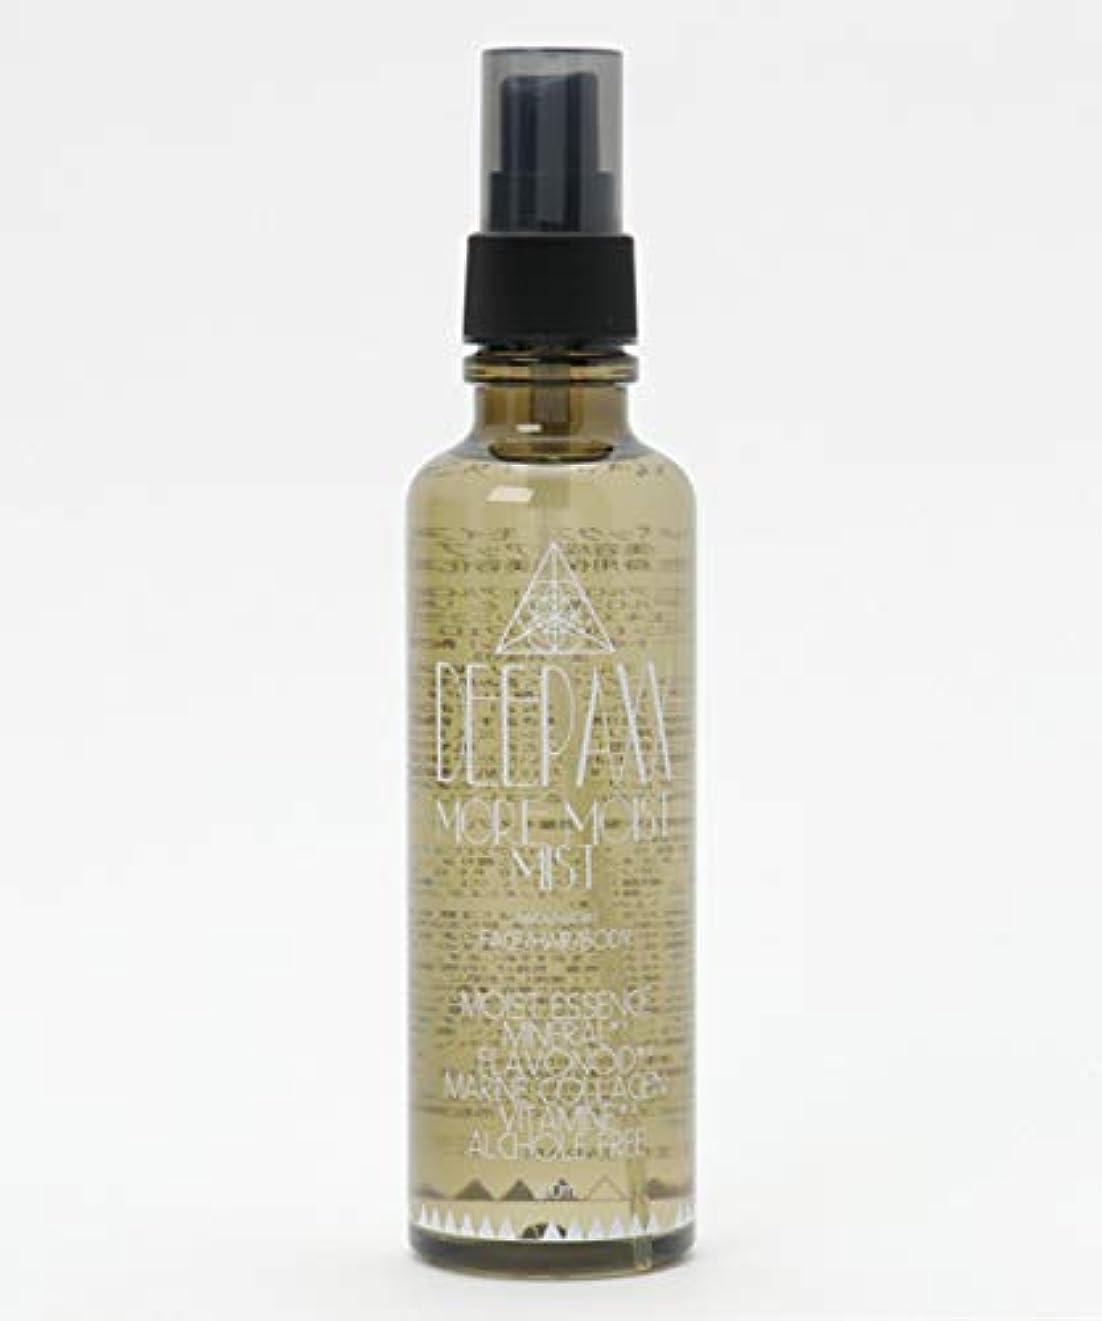 複合奴隷ヒステリック[ディーパックス] MORE MOIST MIST 保湿化粧水リフレッシュミスト レディース ONE